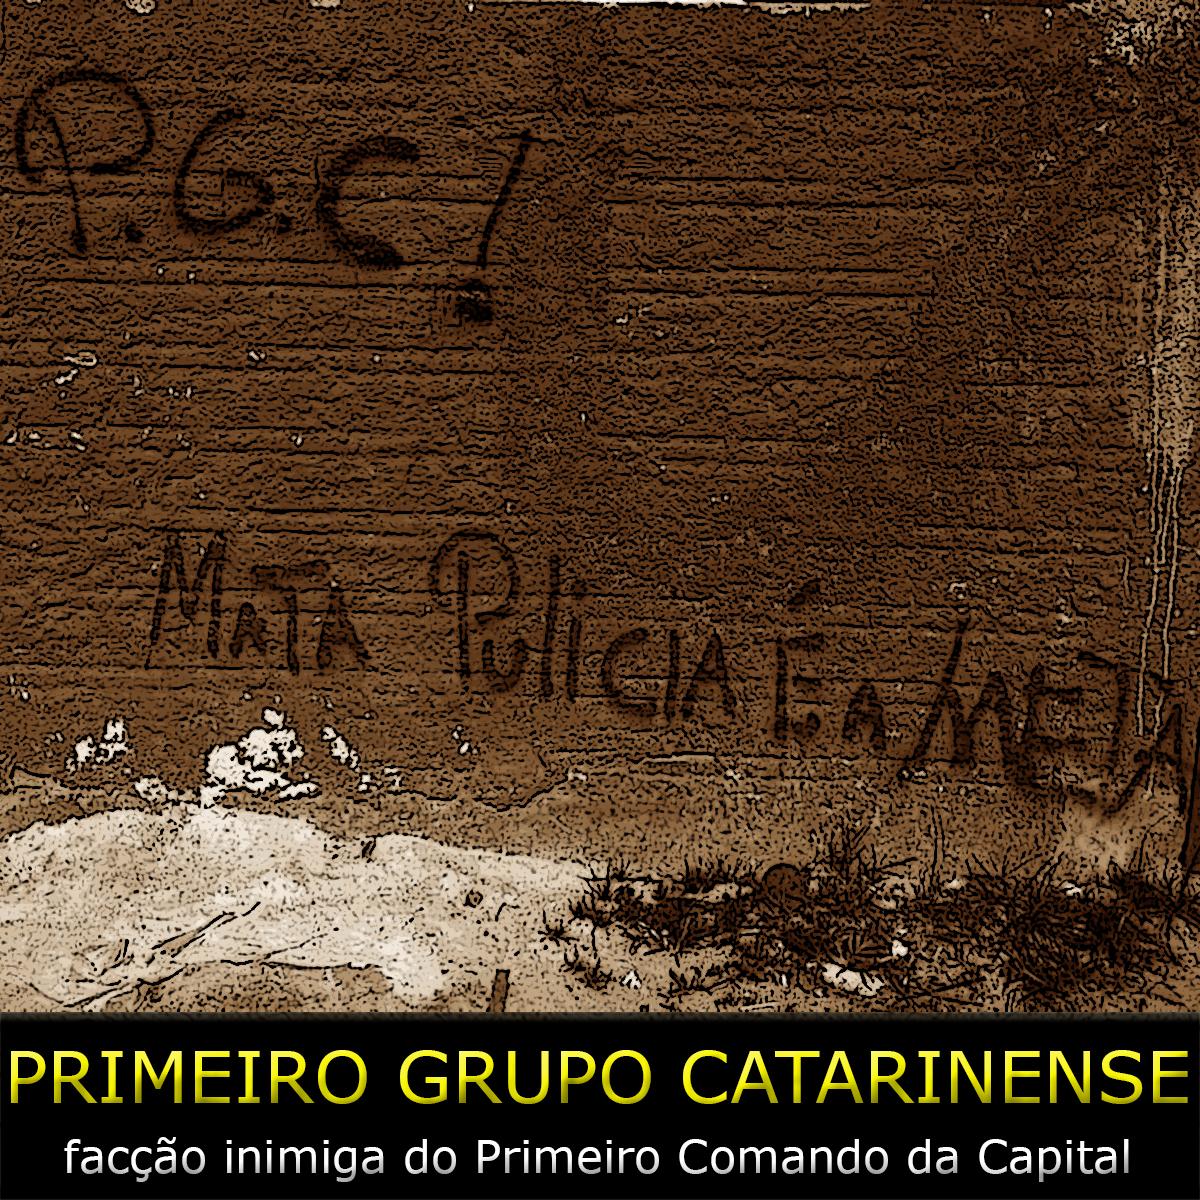 O Primeiro Grupo Catarinense (PGC)